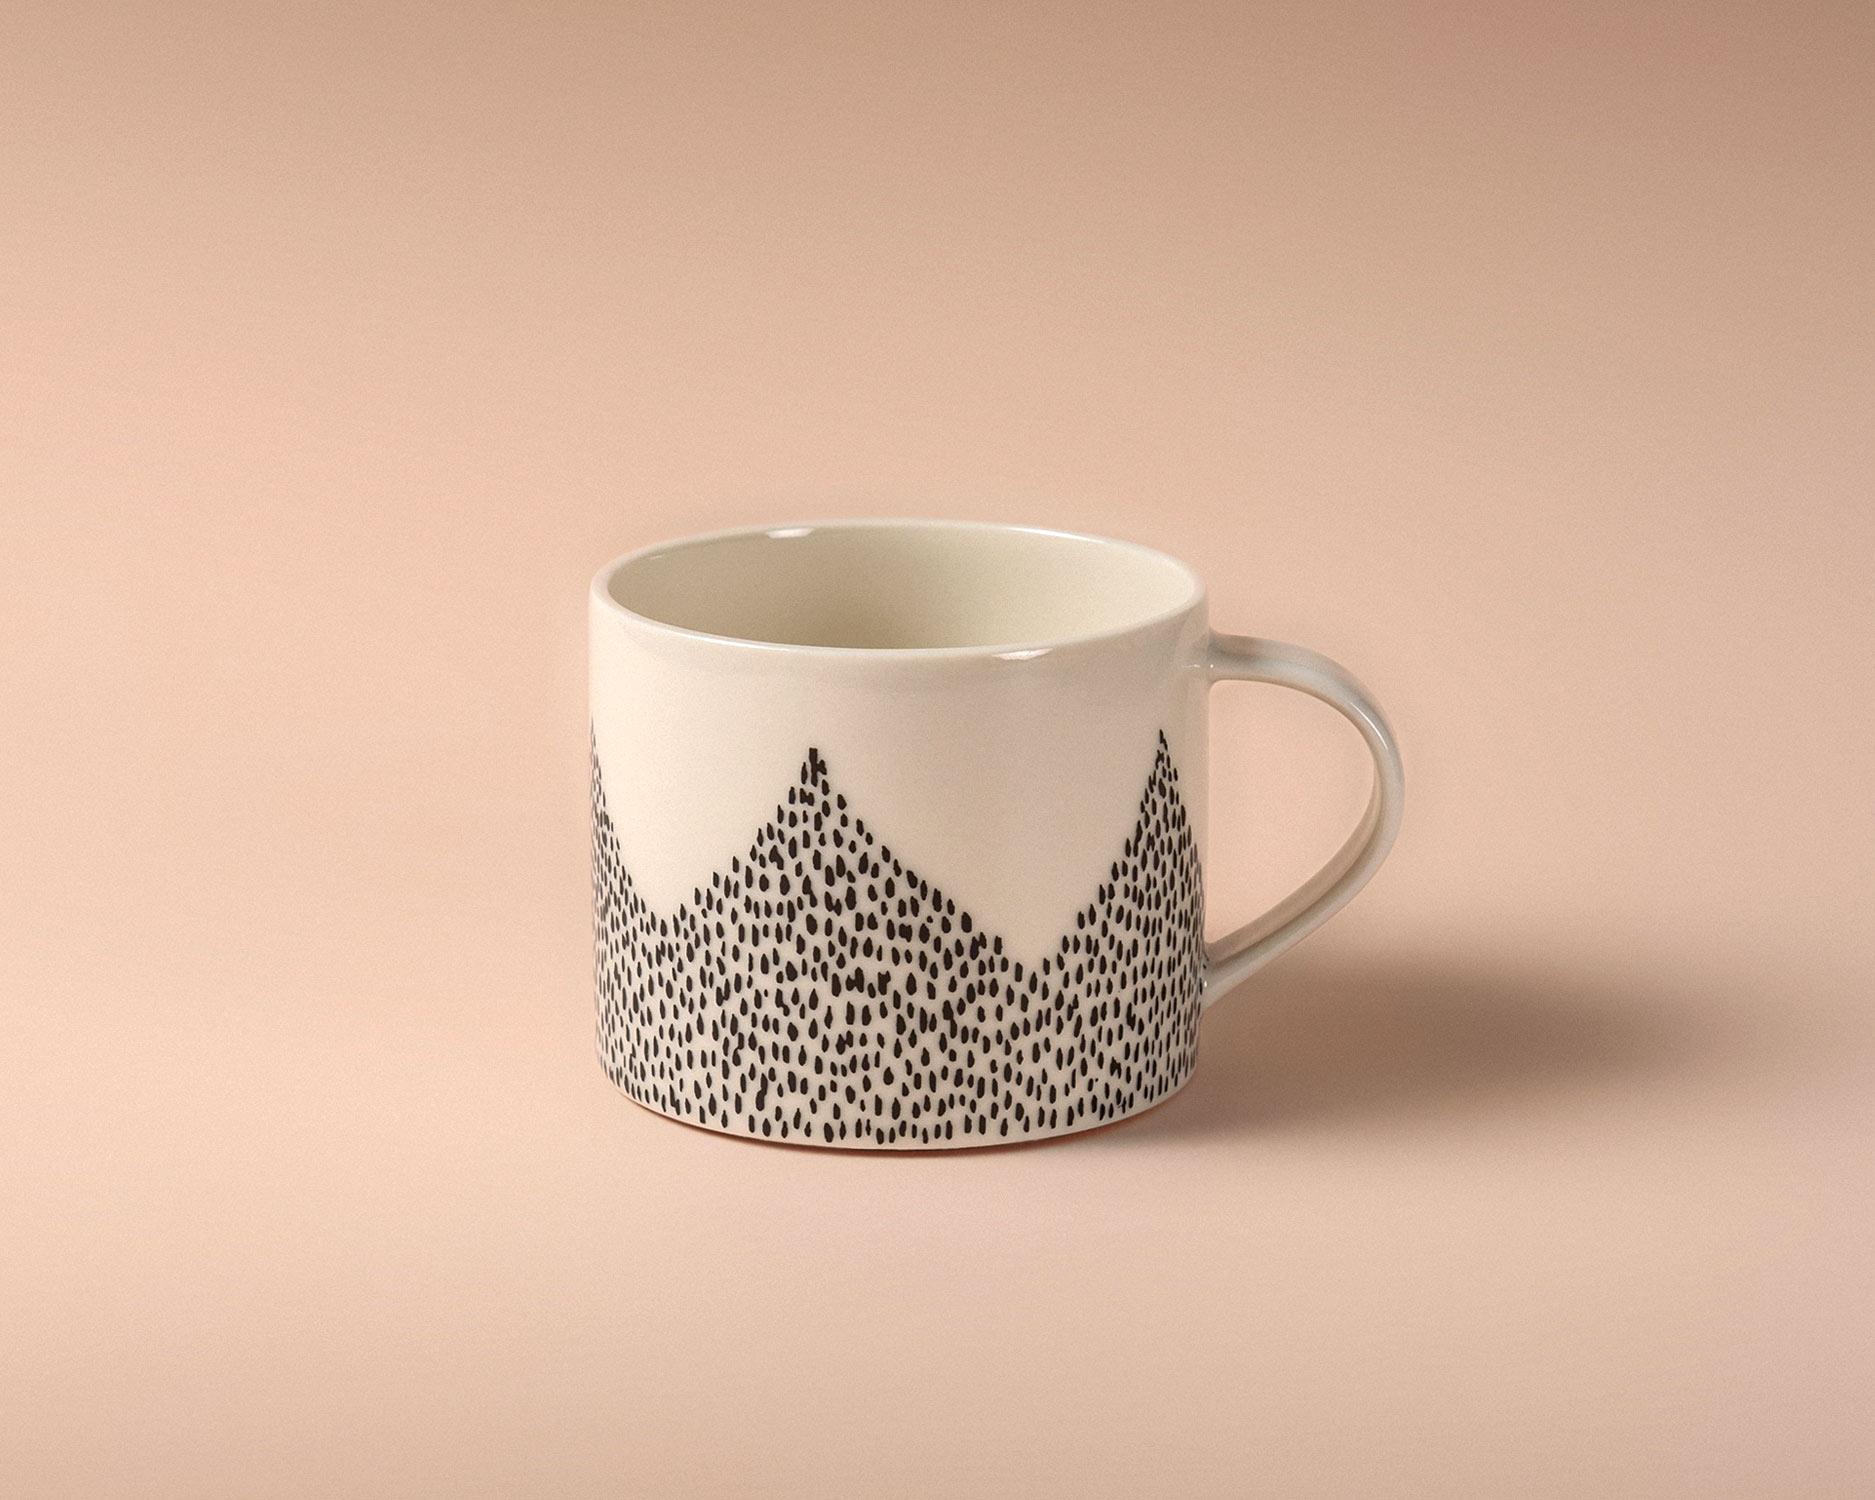 barrskog-tea-cup-1-pp.jpg